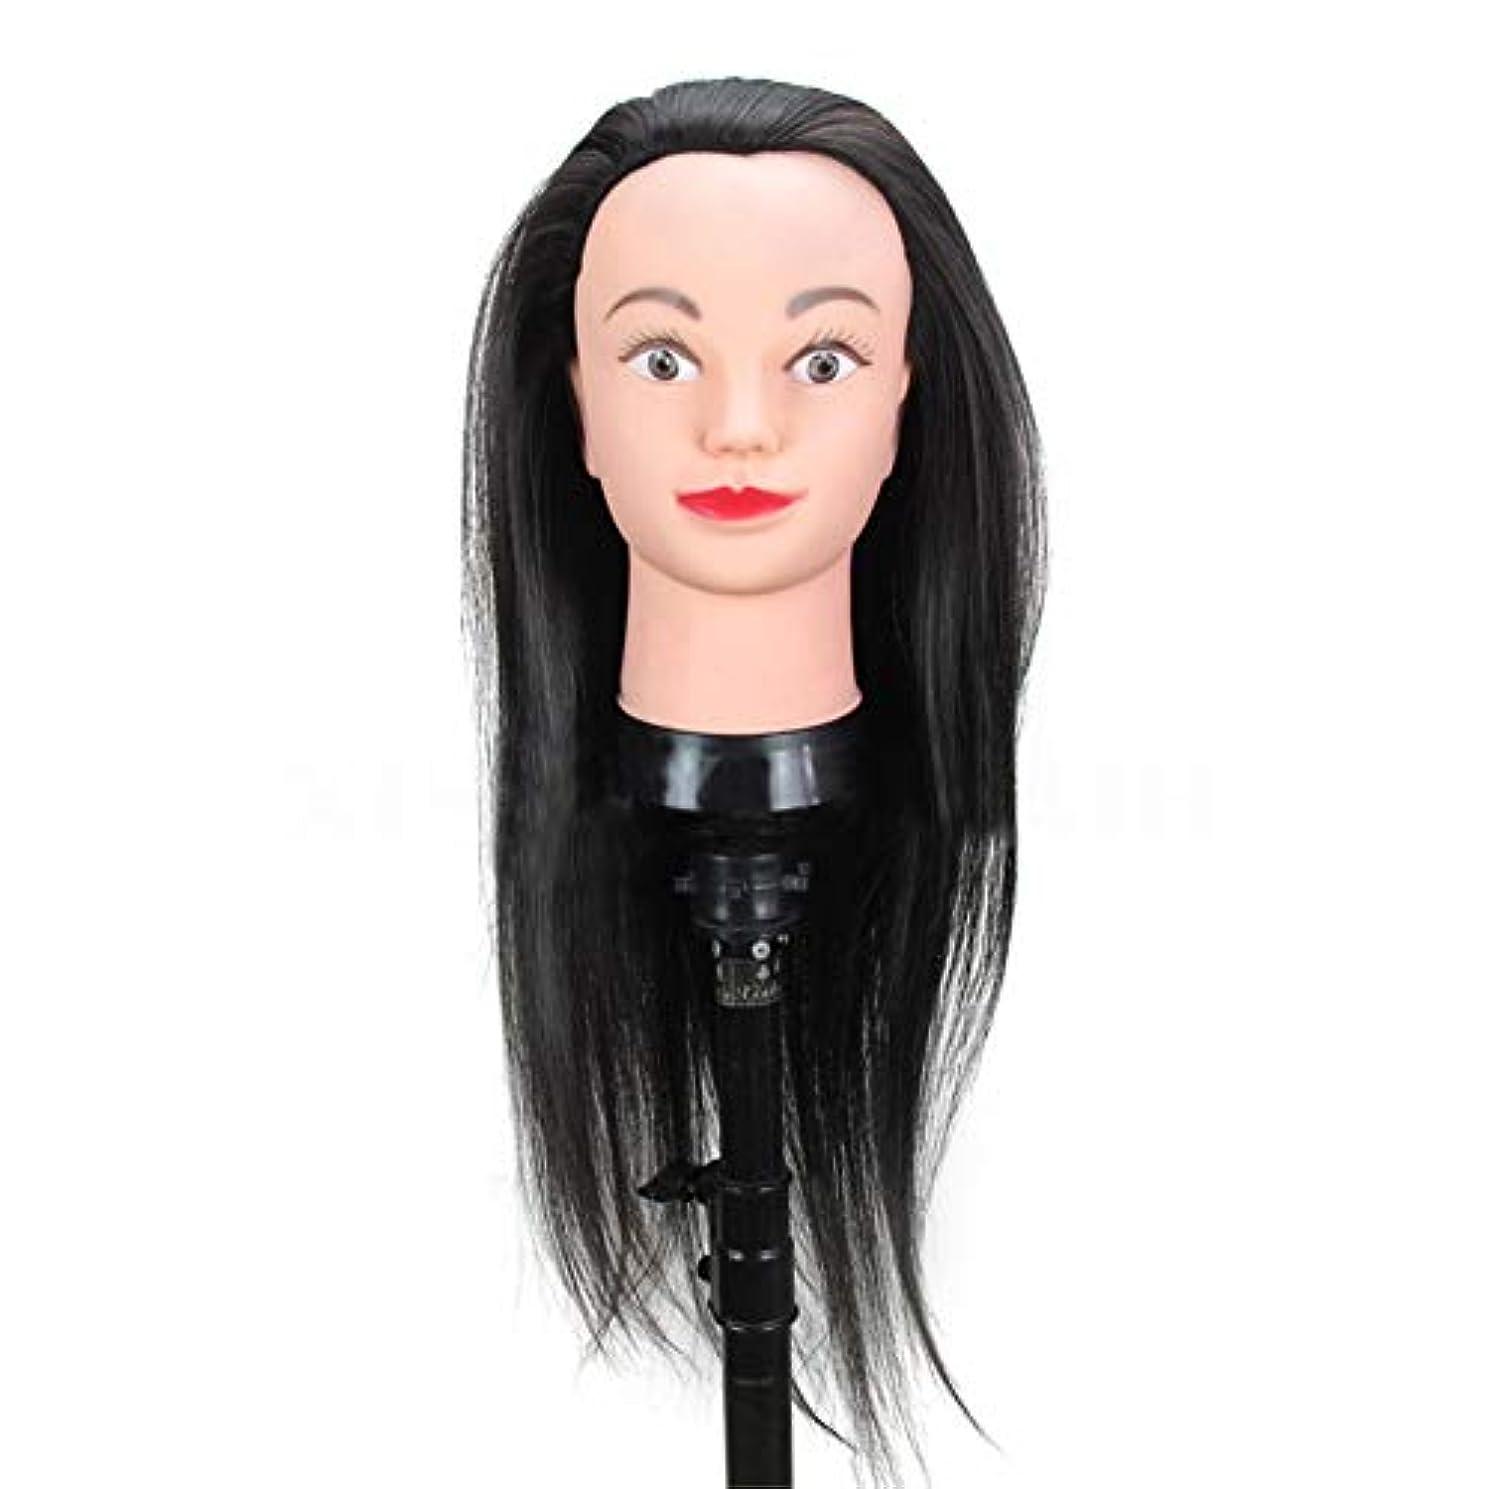 毎回大惨事気づくなる高温シルク編組ヘアスタイリングヘッドモデル理髪店理髪ダミーヘッド化粧練習マネキンヘッド